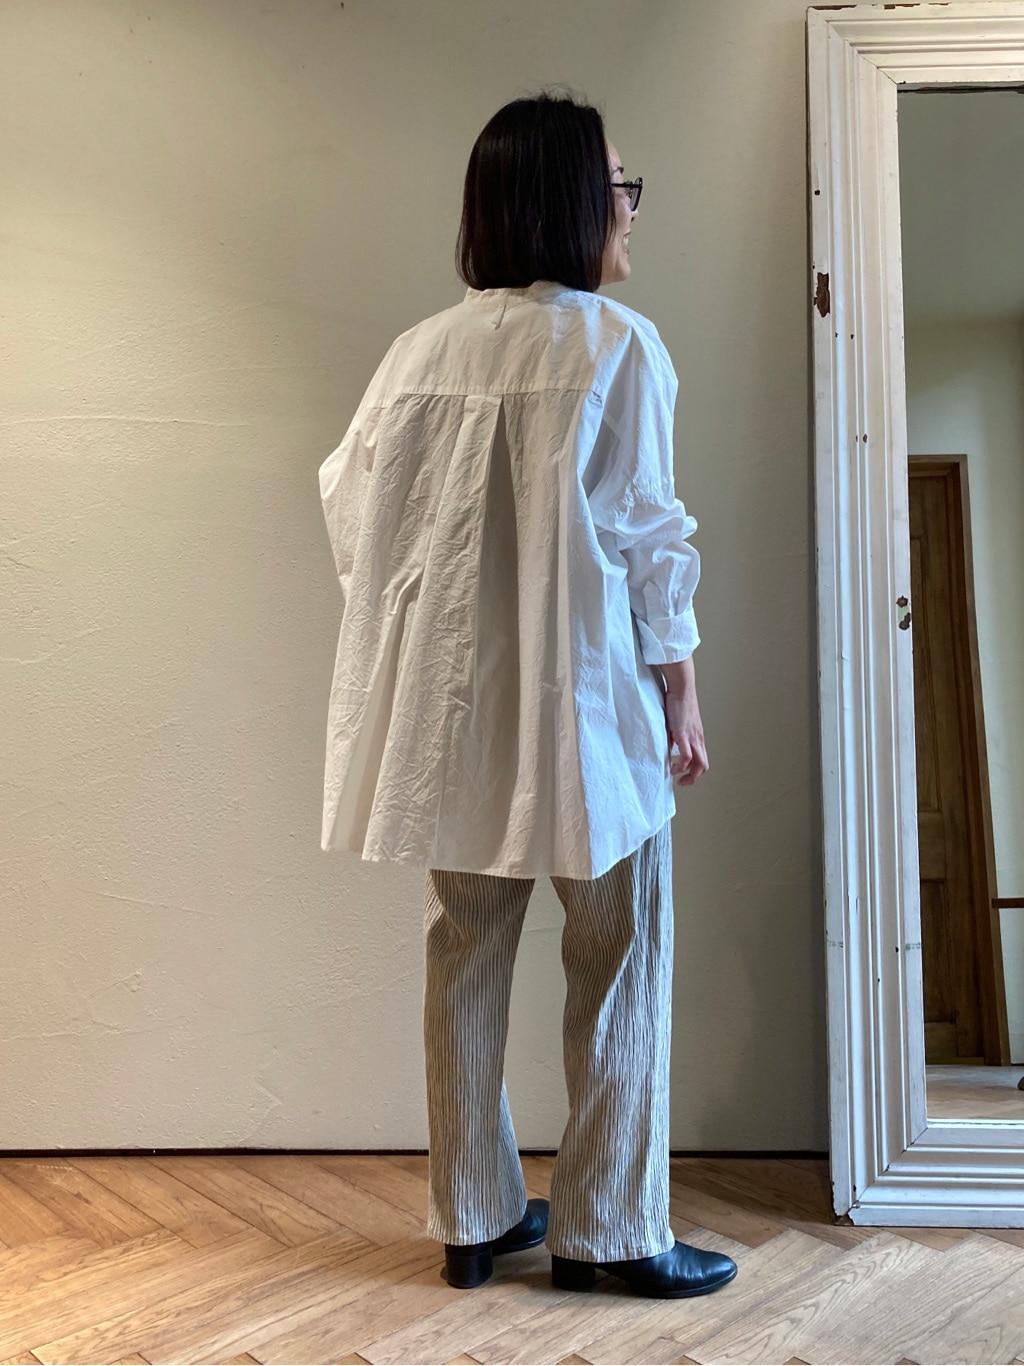 yuni 京都路面 身長:152cm 2021.02.19